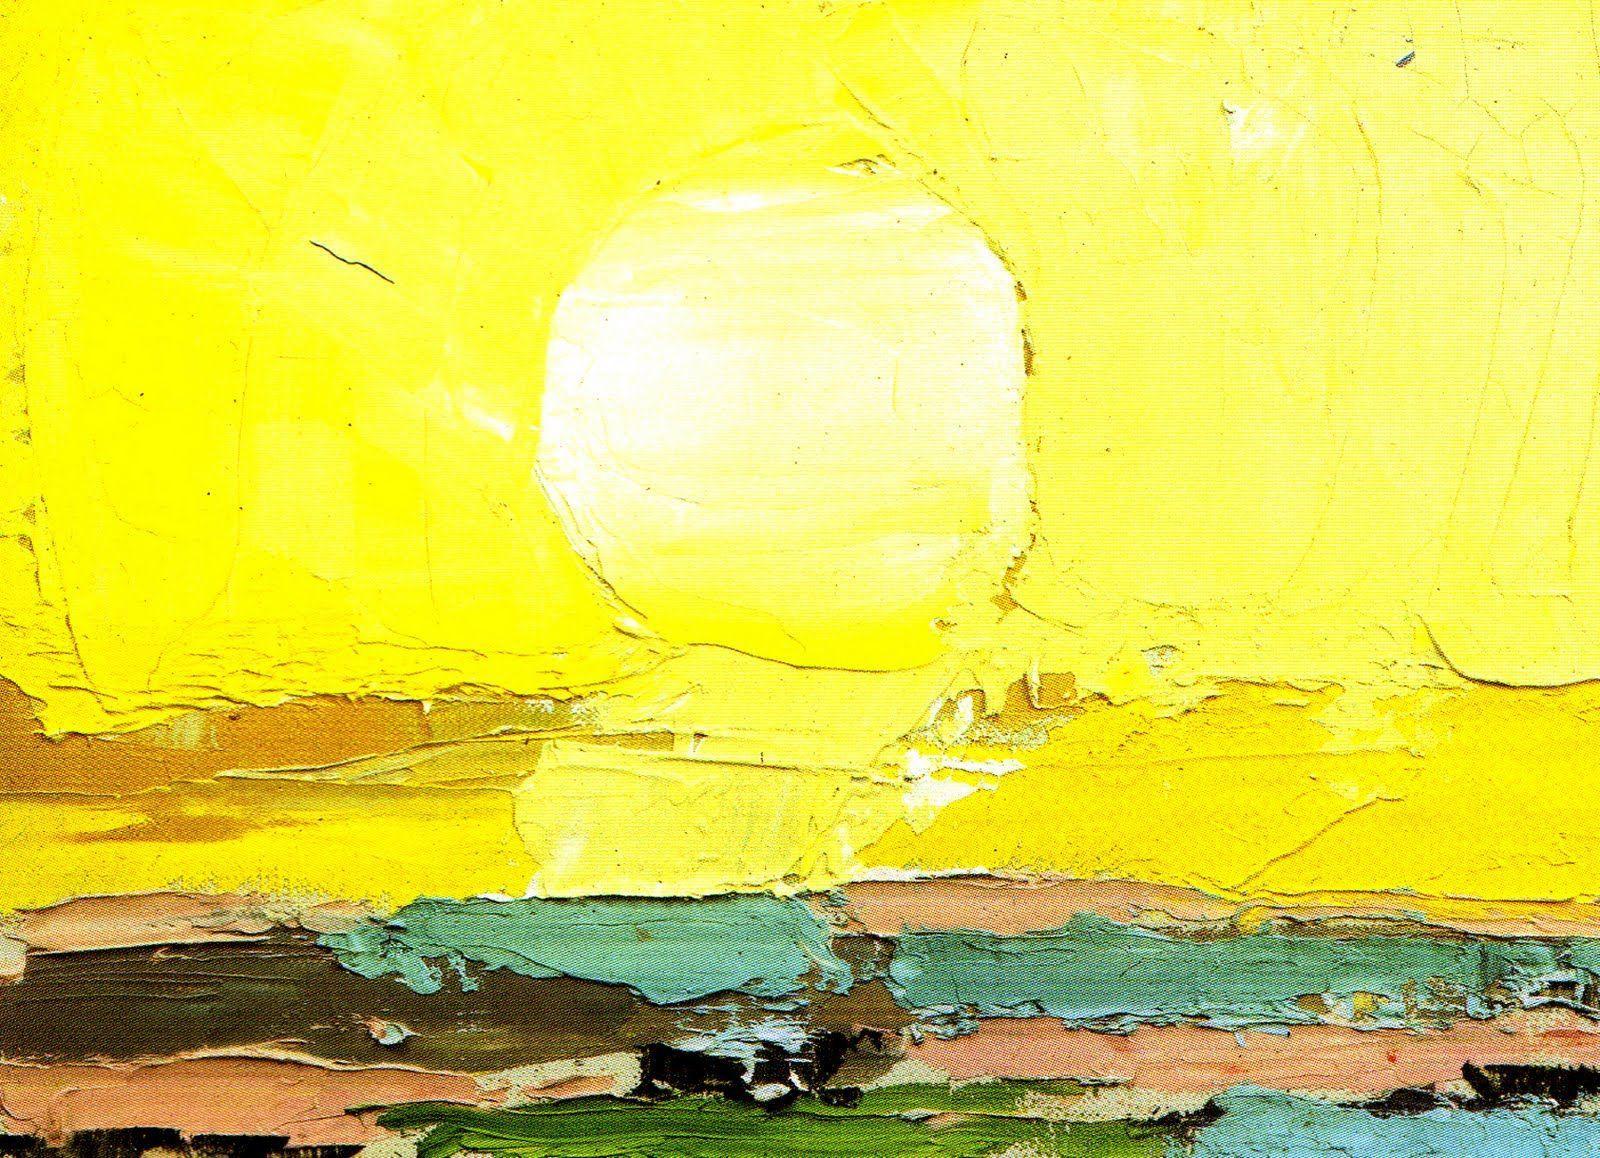 Verano. Cuadro de Nicolas de Staël, El Sol, verano 1953